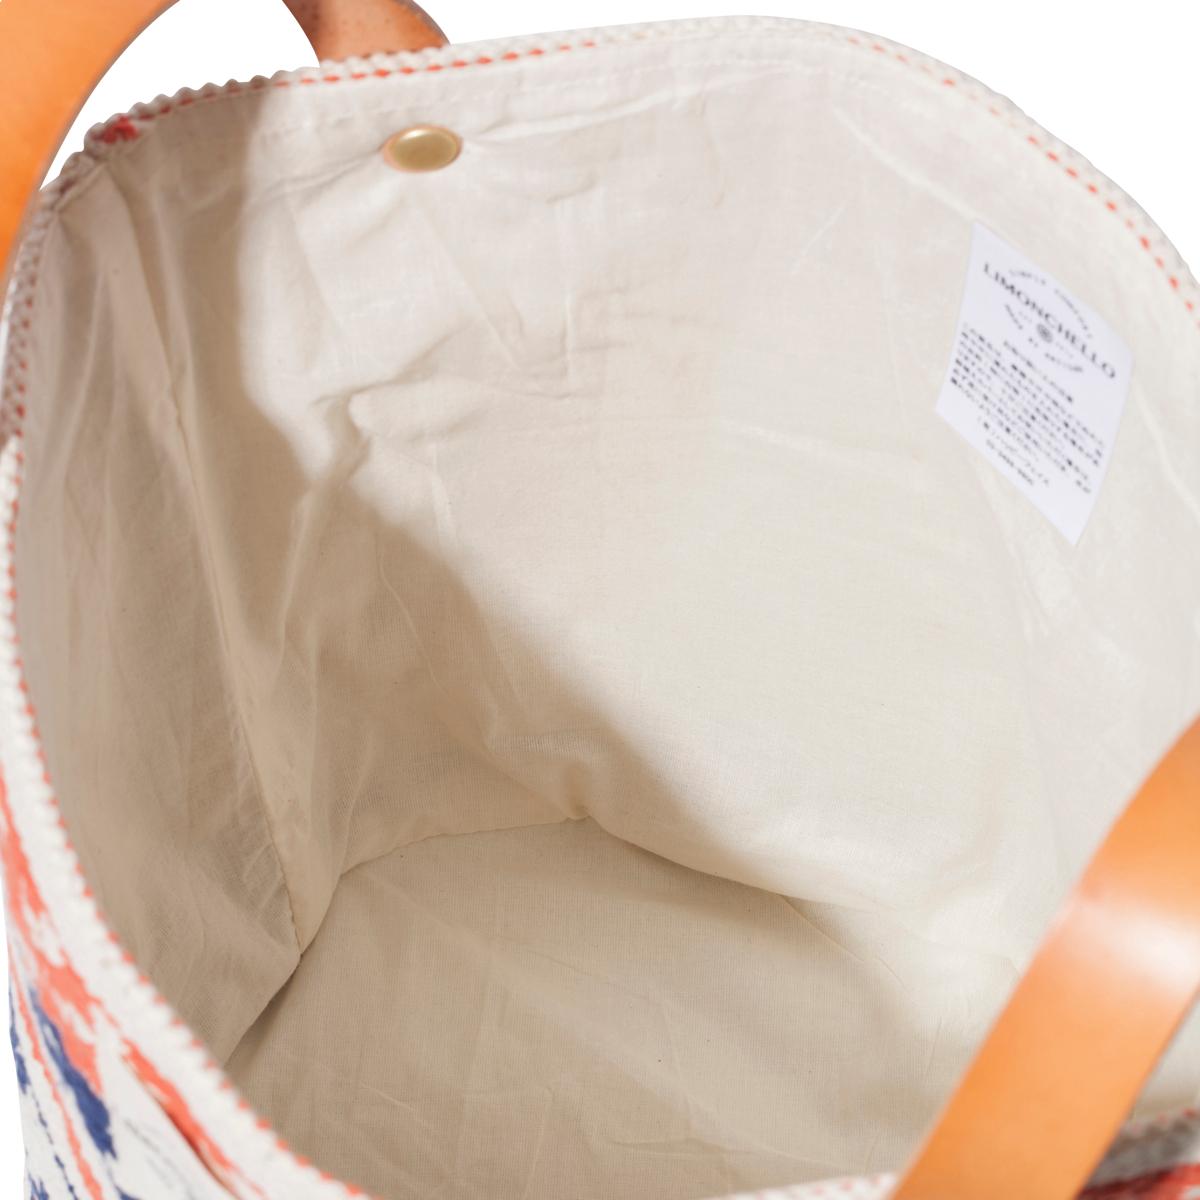 丈夫なコットン素材で作られたマルチ収納バスケット『LIMONCHELLO(リモンチェロ)』|【ガーデニング用品特集】心と身体を整える趣味の世界にようこそ。収納バスケットやホースなど、おしゃれグッズ5選